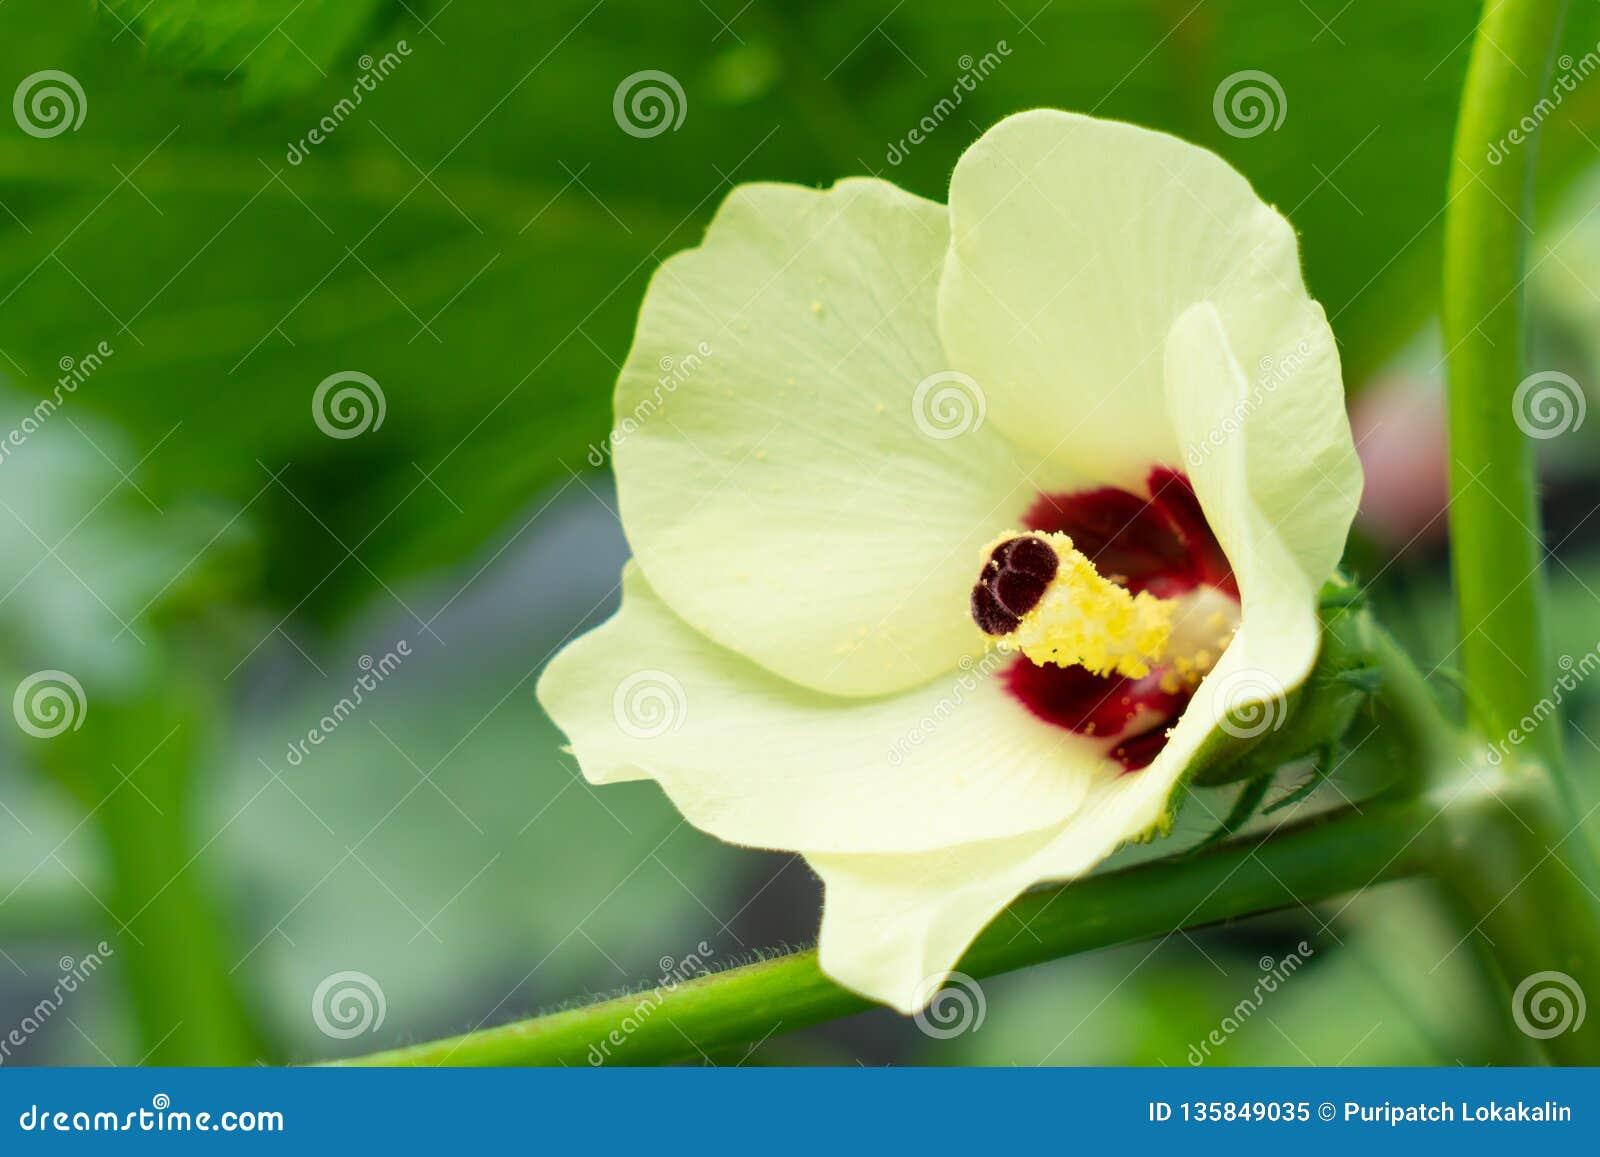 Blume des essbaren Eibisches oder Abelmoschus esculentus